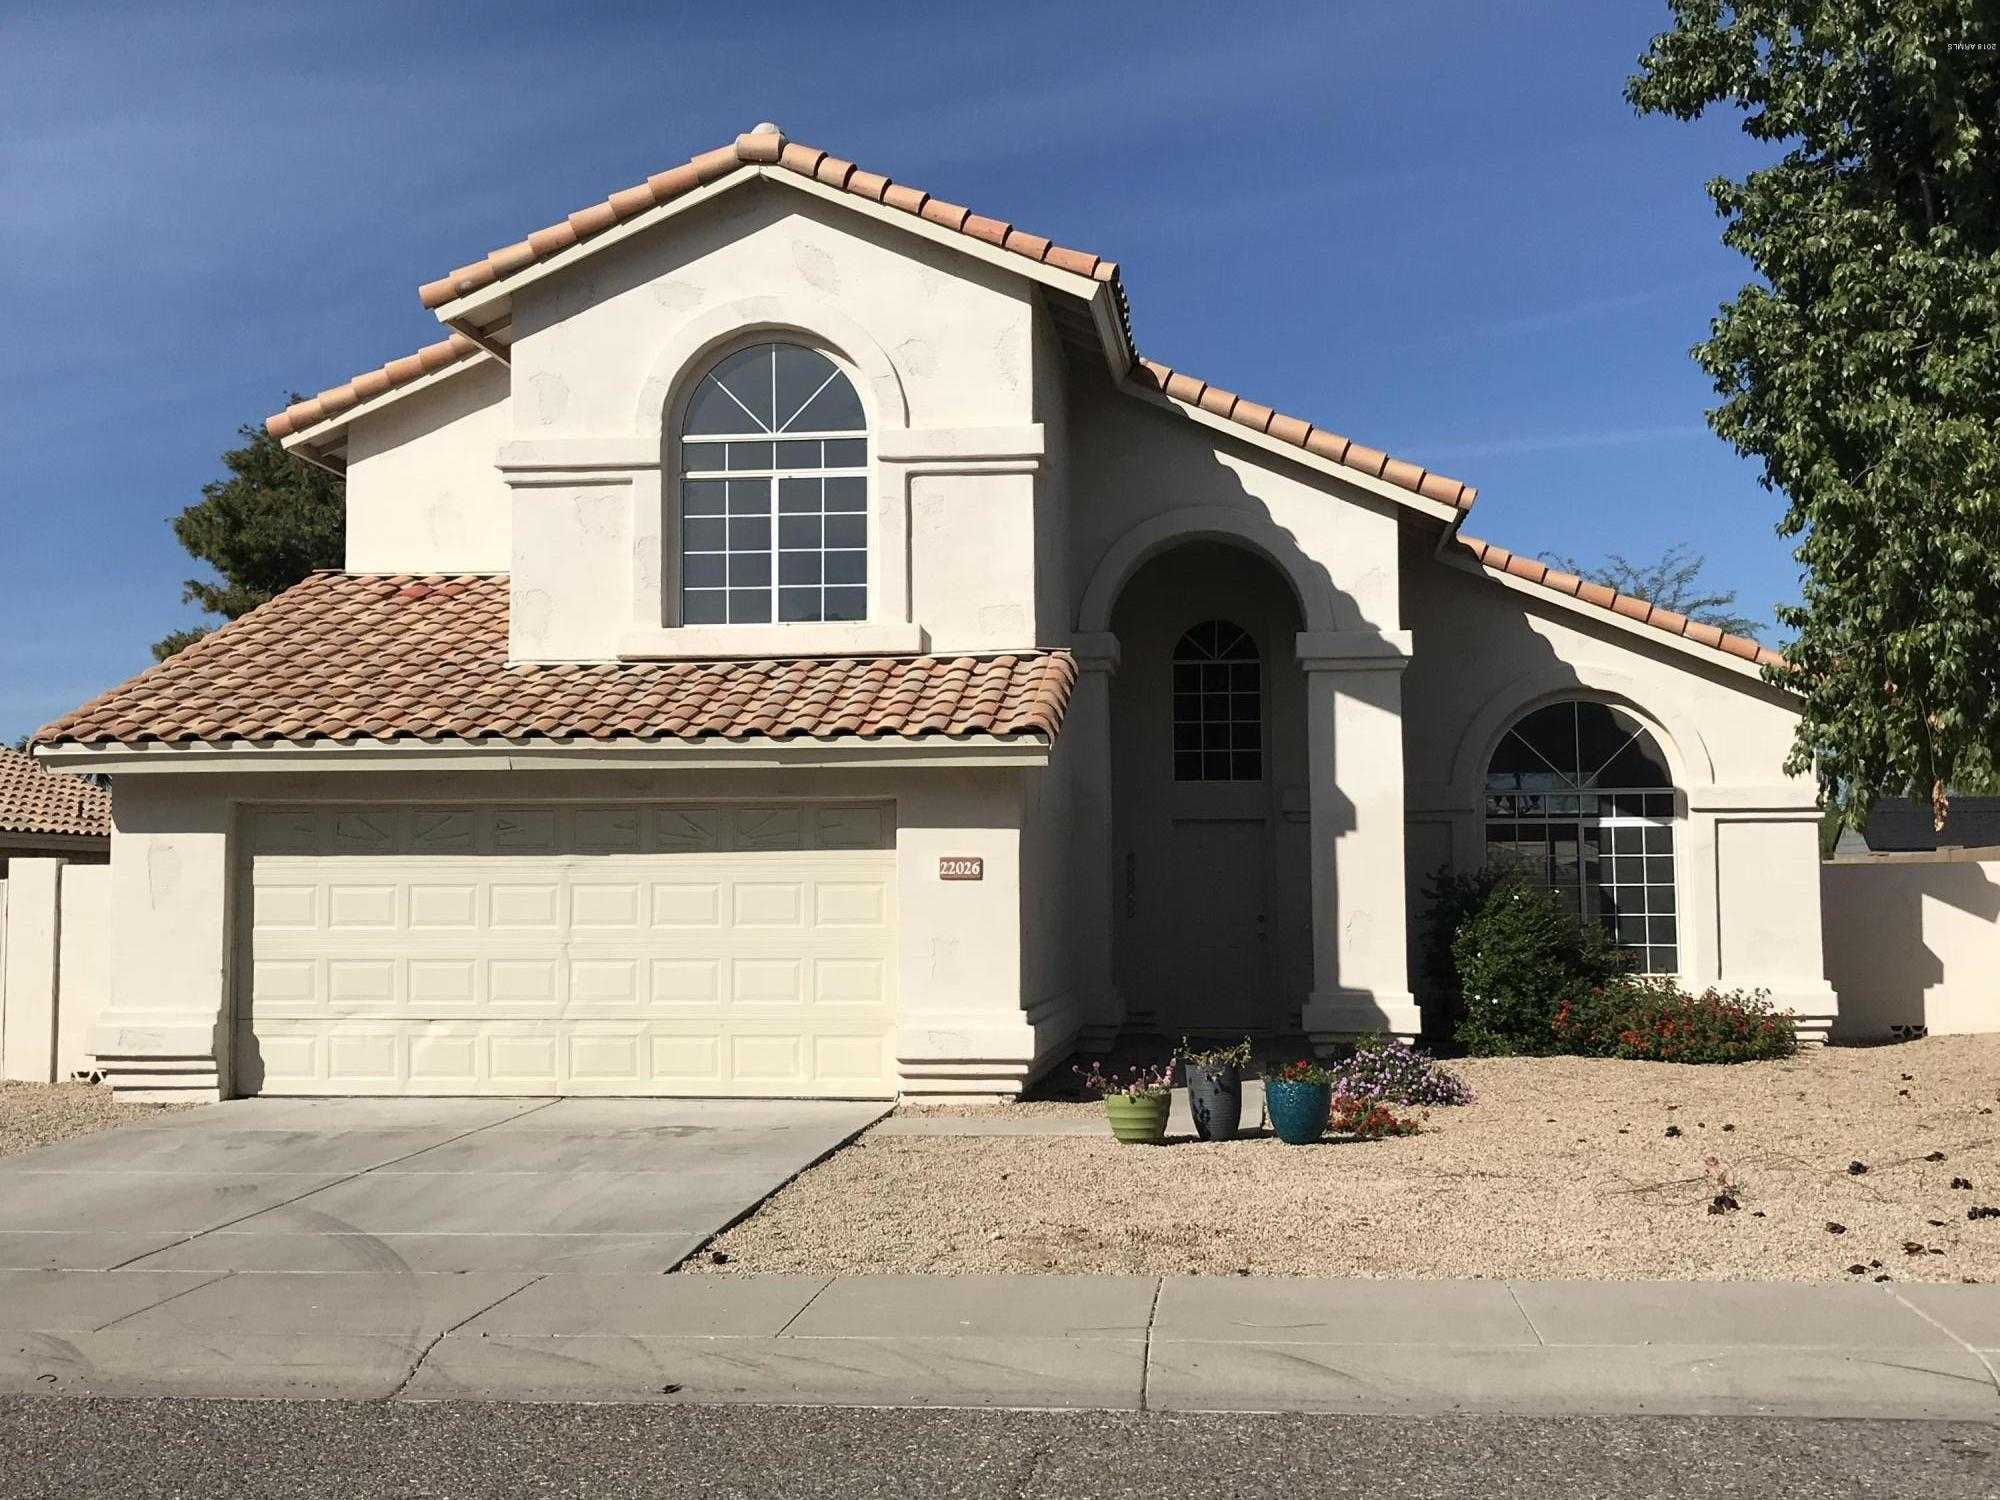 $314,900 - 3Br/3Ba - Home for Sale in Hillcrest Ranch Parcel C Lot 1-168 Tr A-k, Glendale